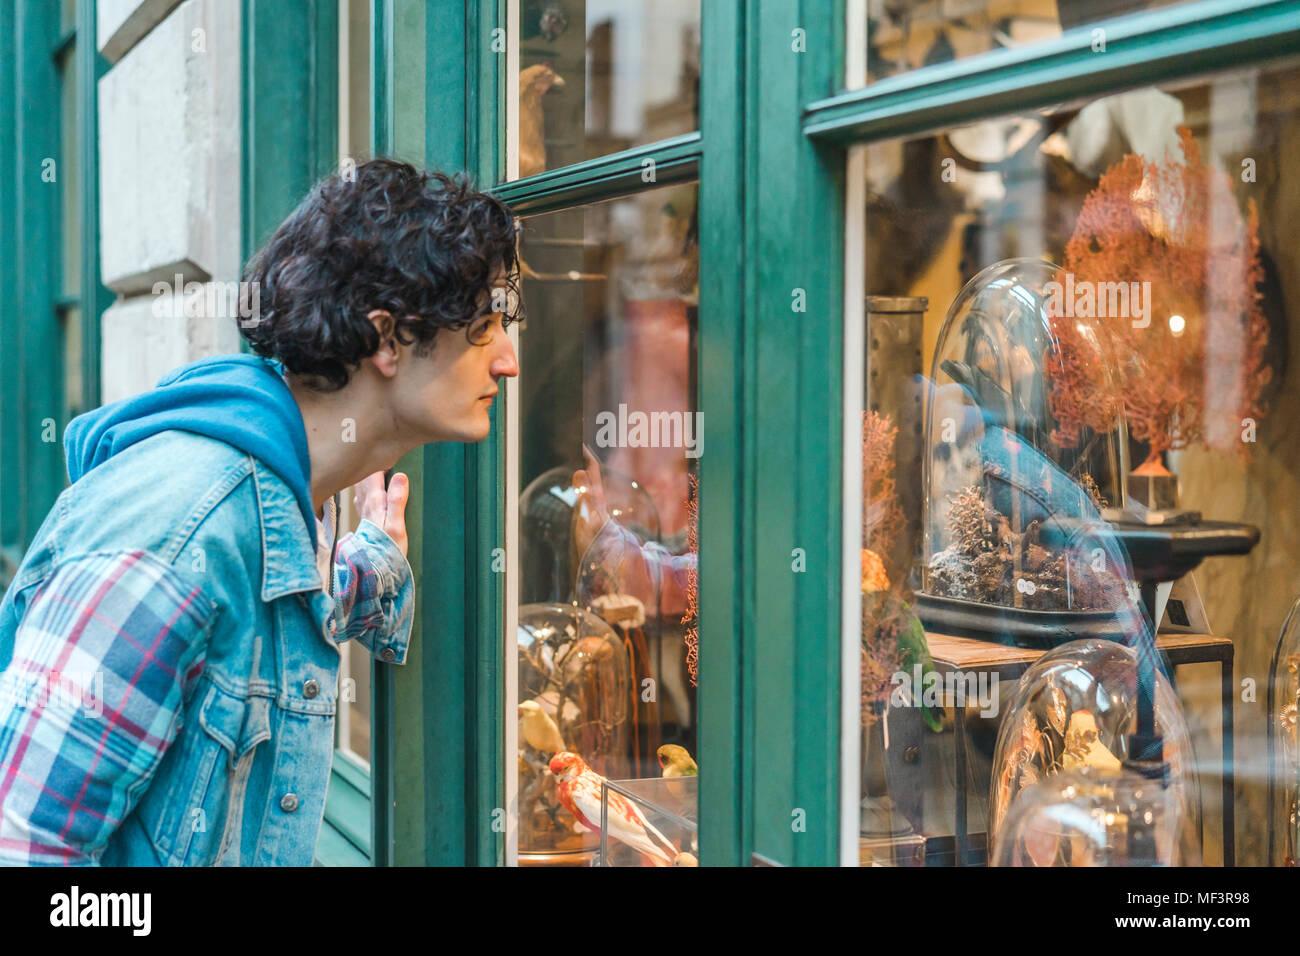 Portrait de jeune homme regardant à travers la vitre Photo Stock